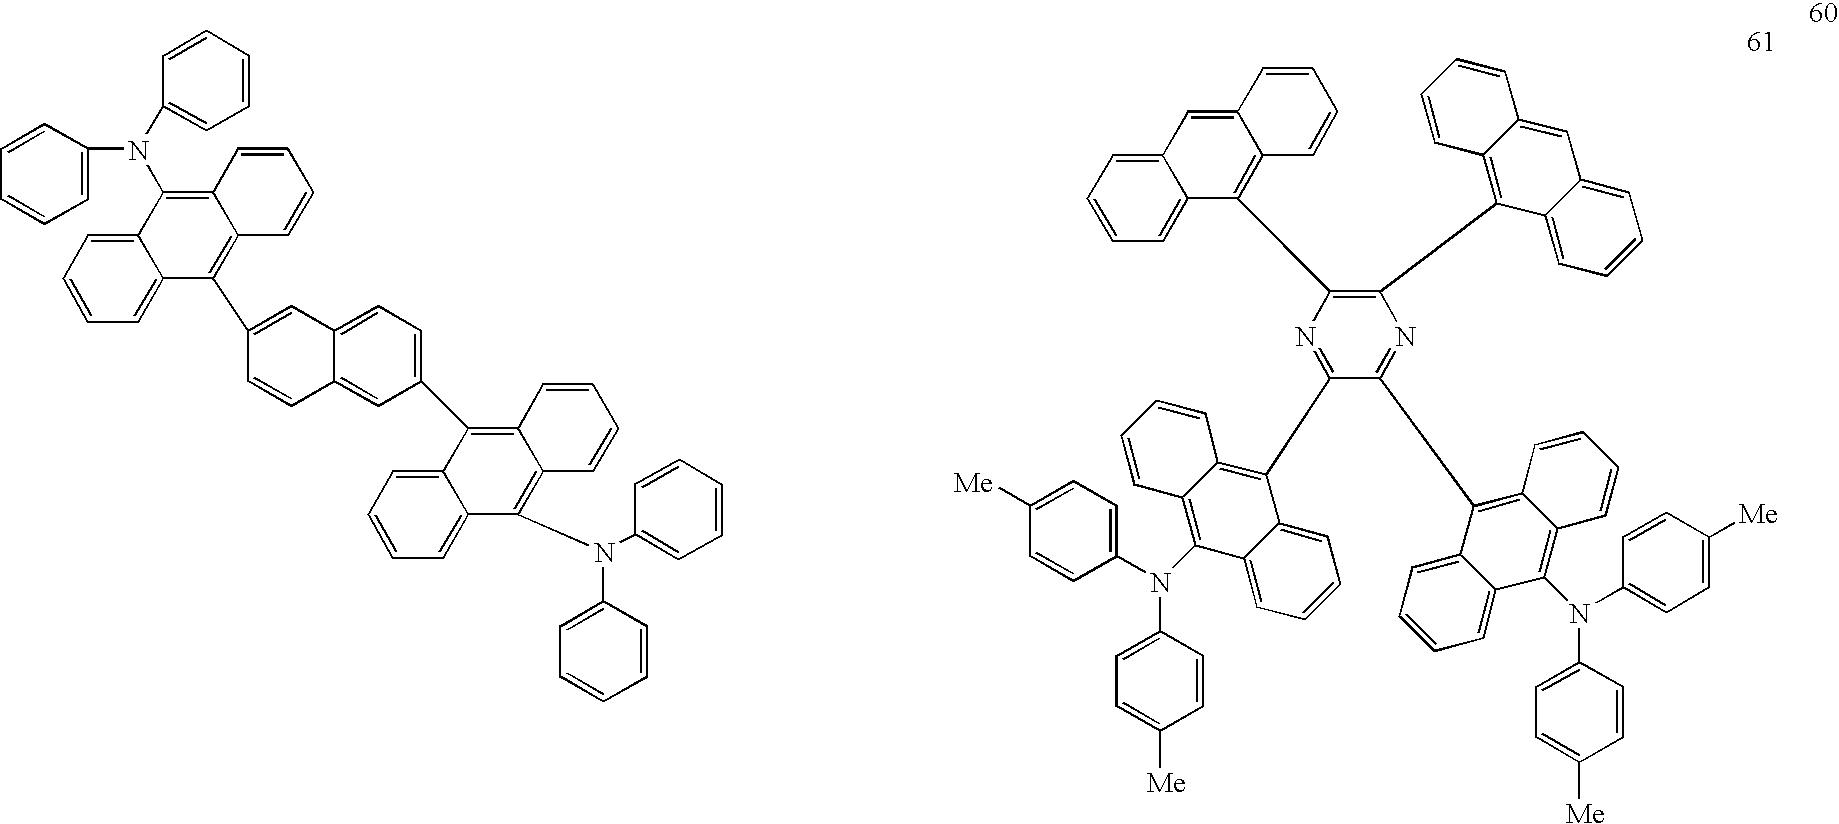 Figure US07173131-20070206-C00015